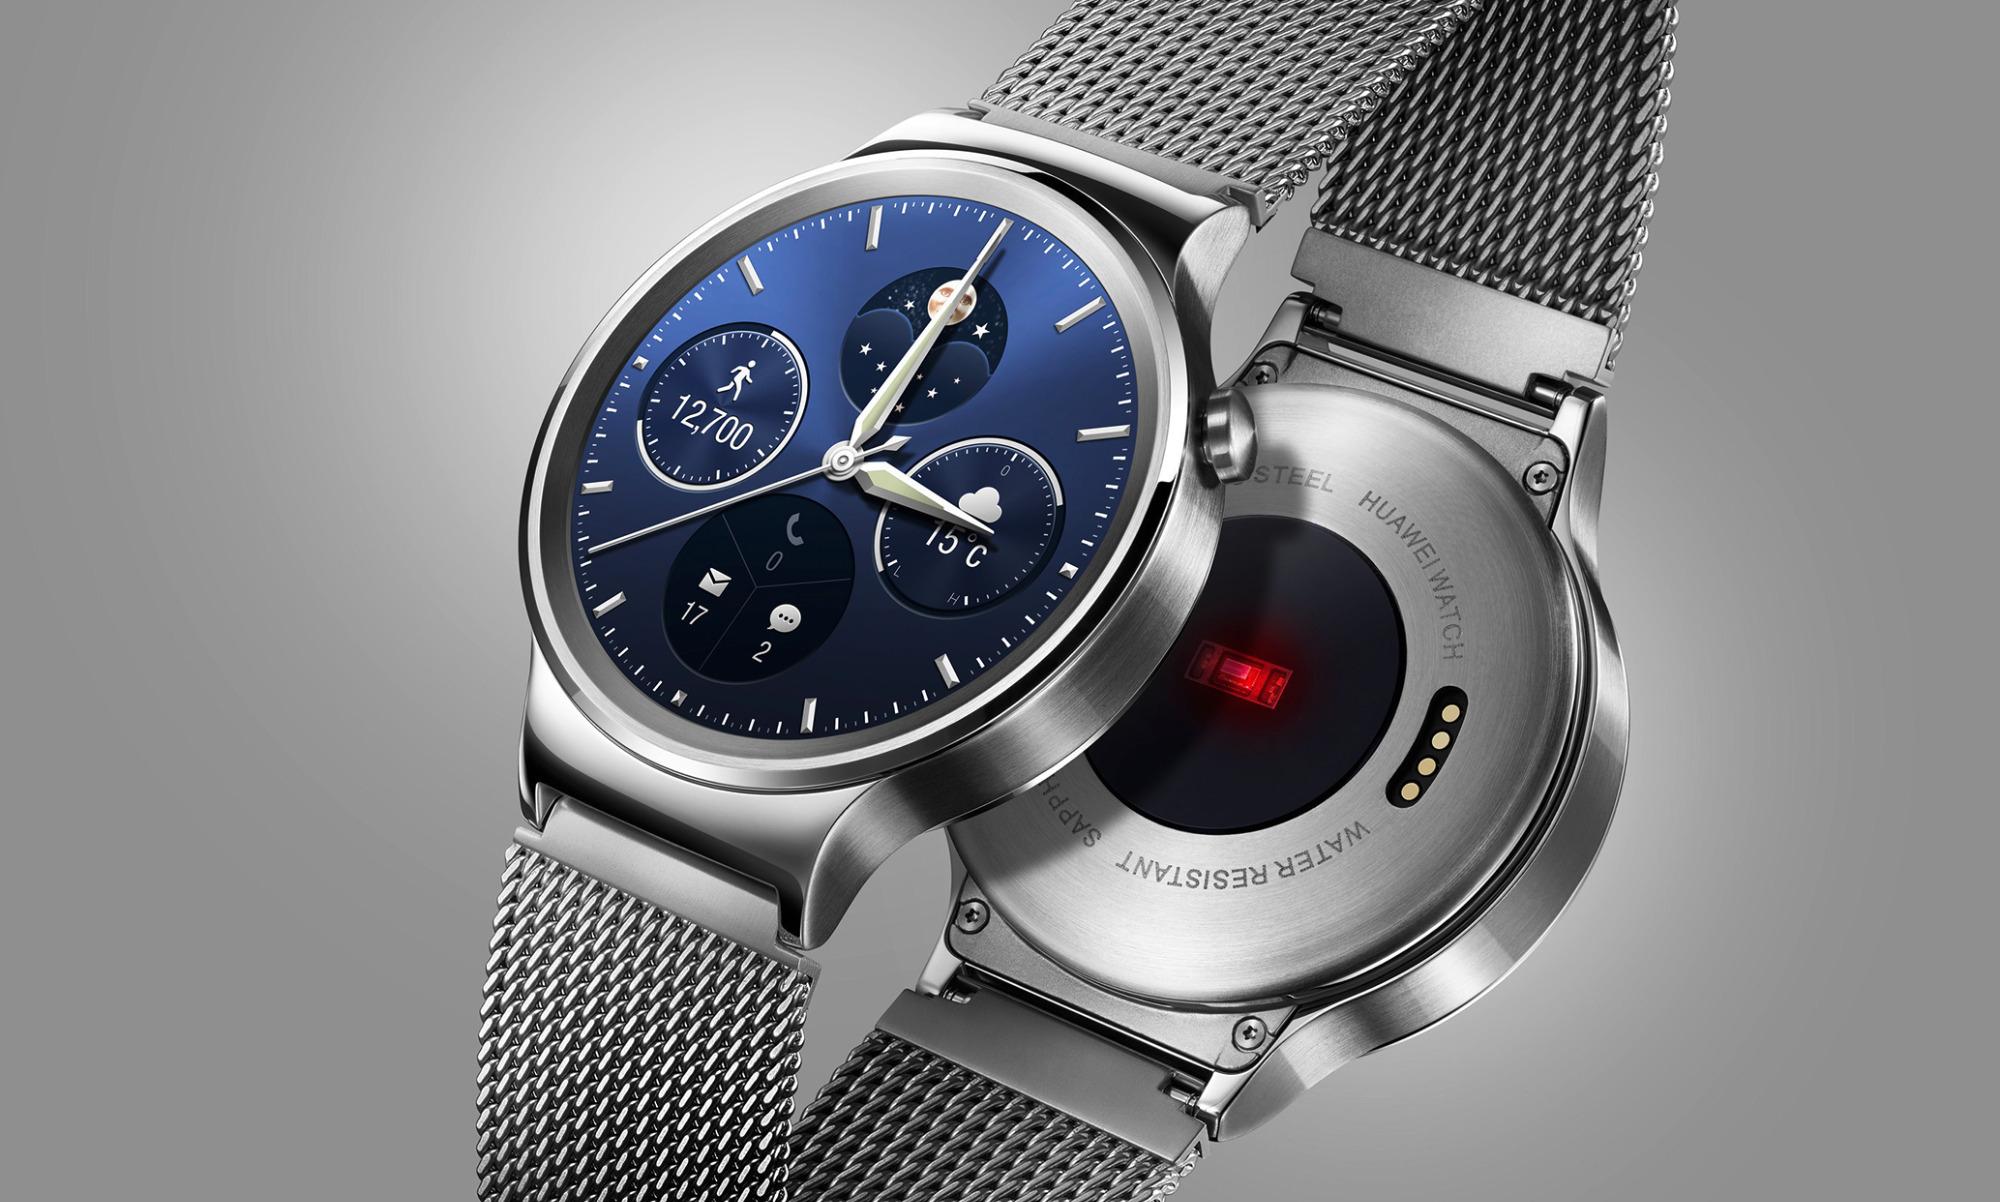 6e8fedeaaa1b5 وتتيح الساعة للمستخدمين التبديل بسهولة بين أربعين وجهاً يأتي كل منها بتصميم  مختلف.